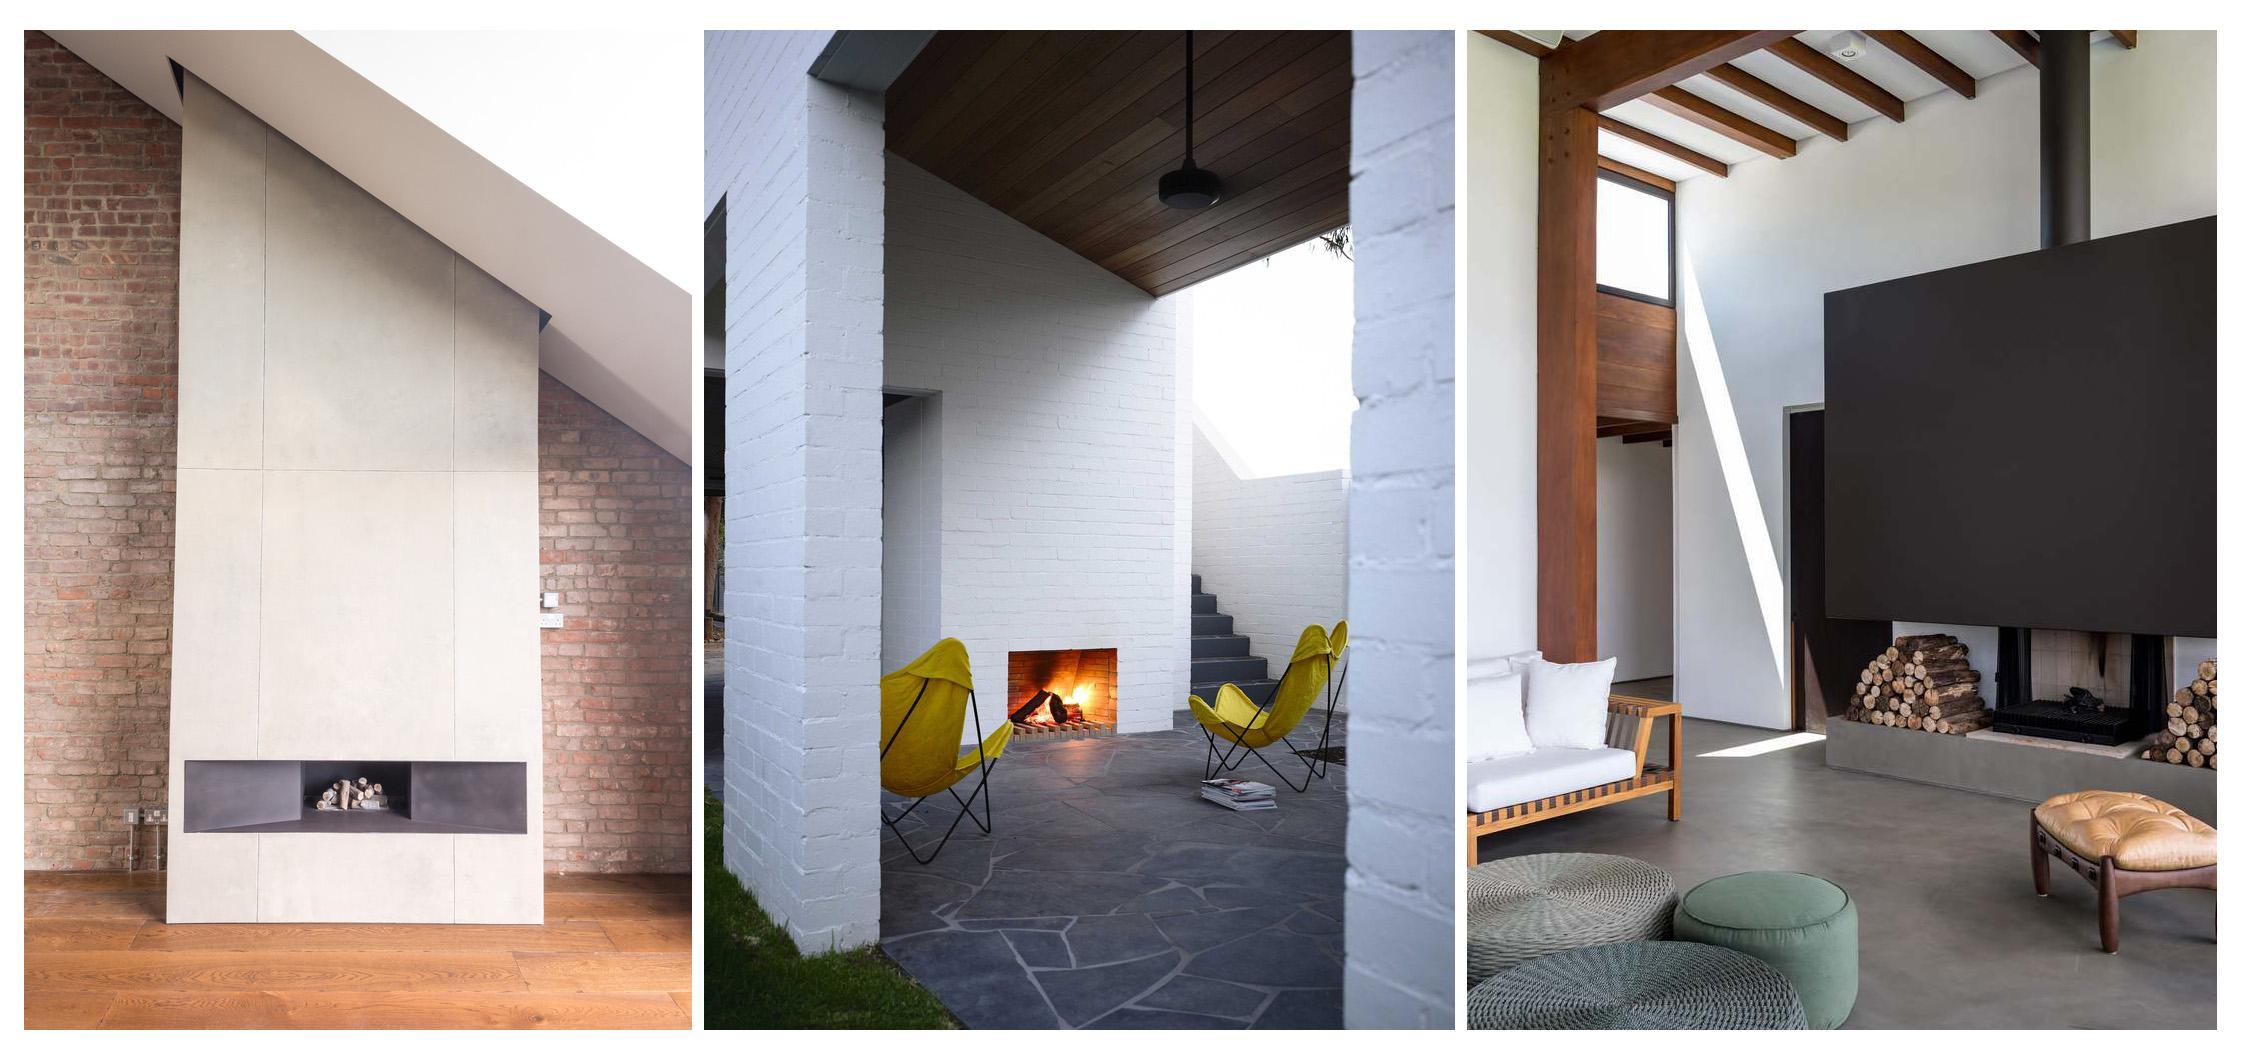 نگاهی به 35 شومینه جالب توجه در معماری (بخش دوم)